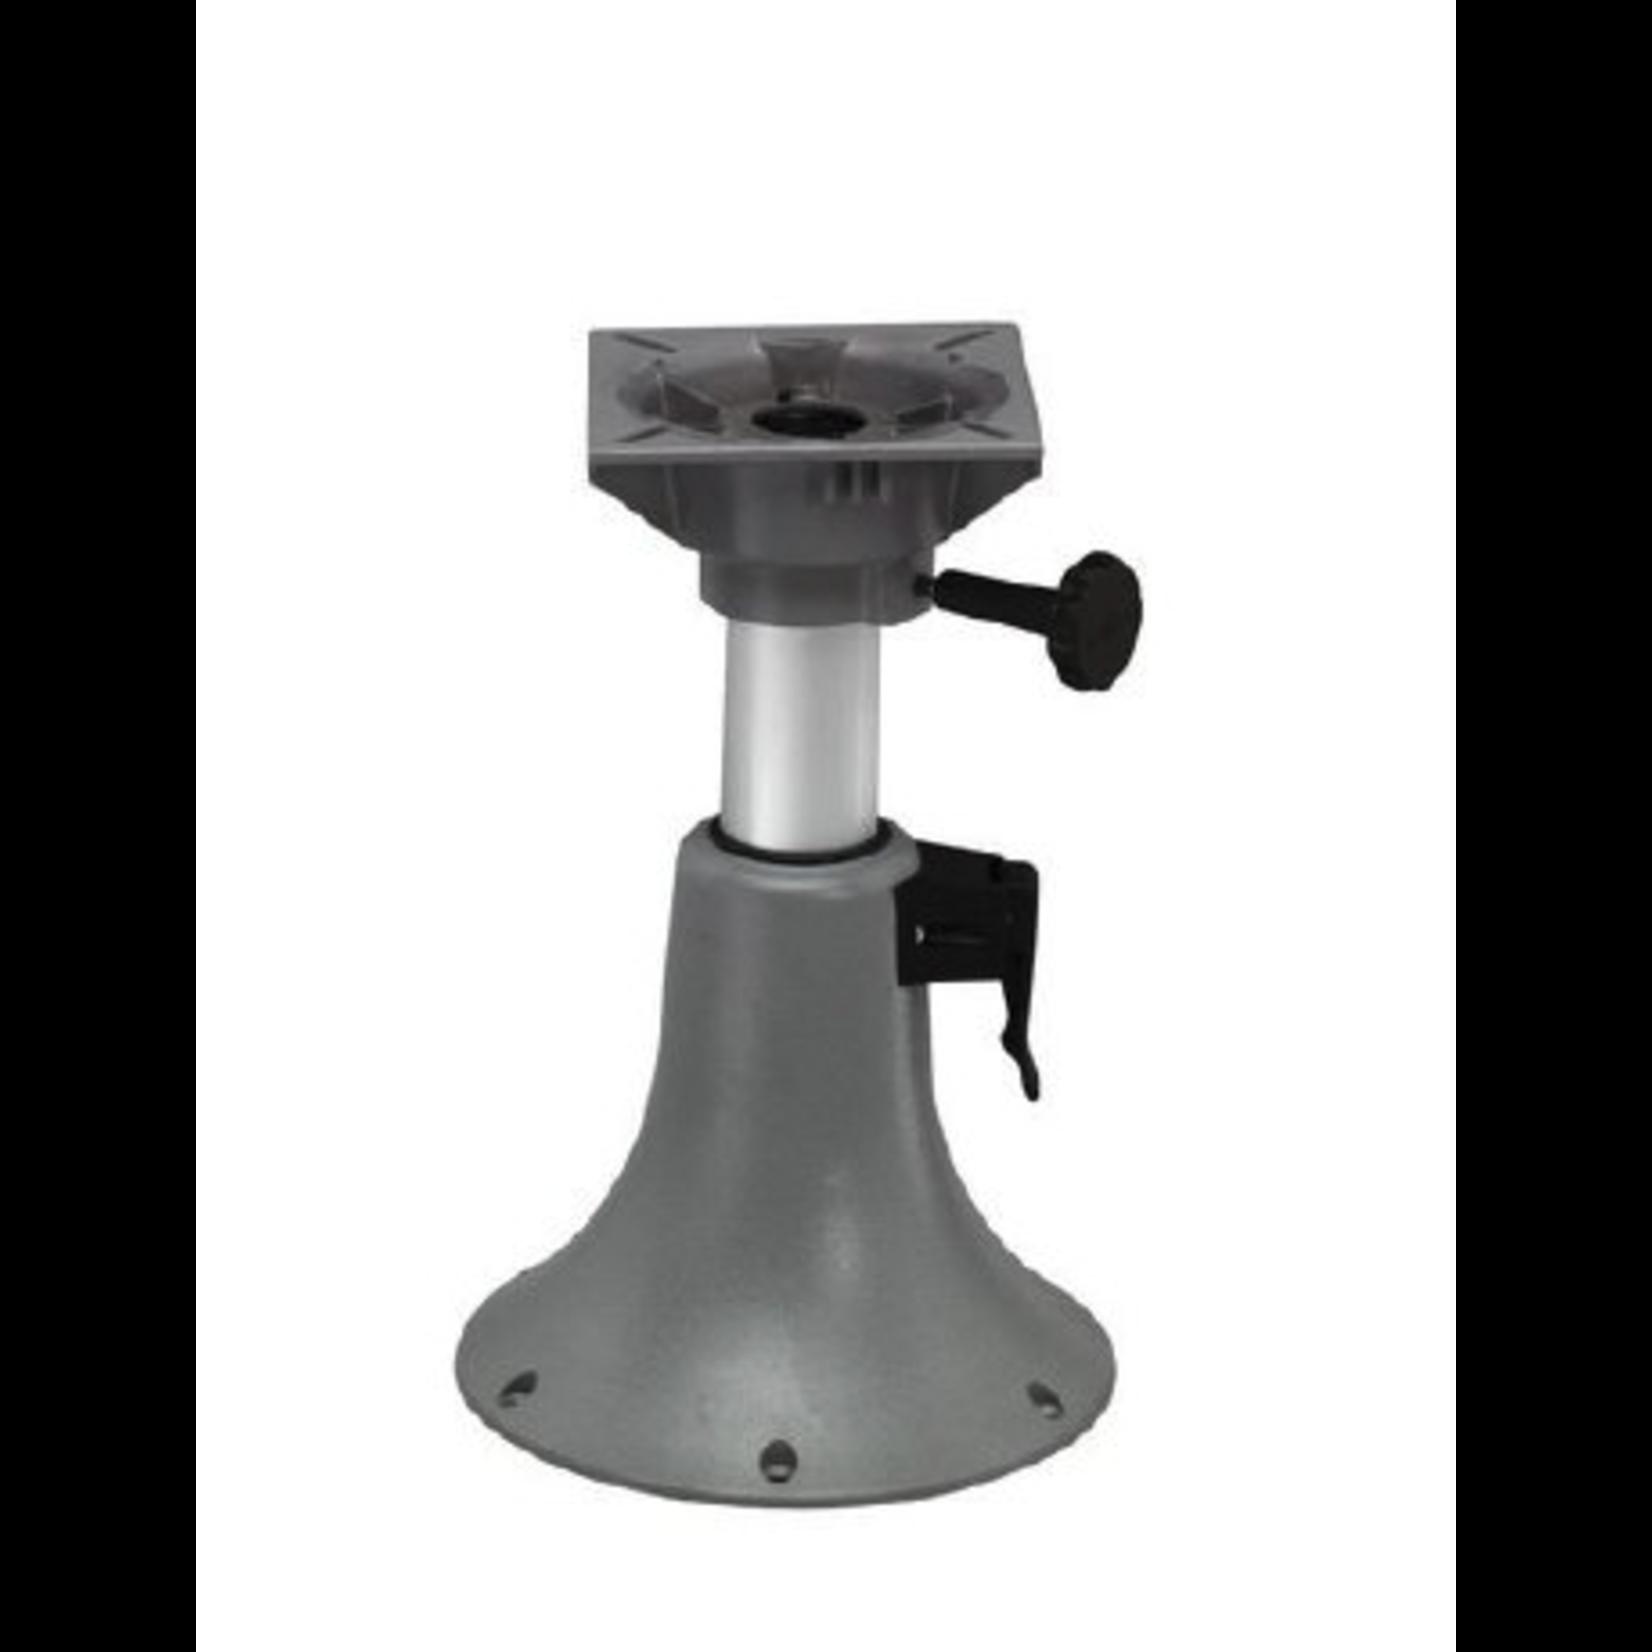 Allpa Belle Pedestal - Adjustable